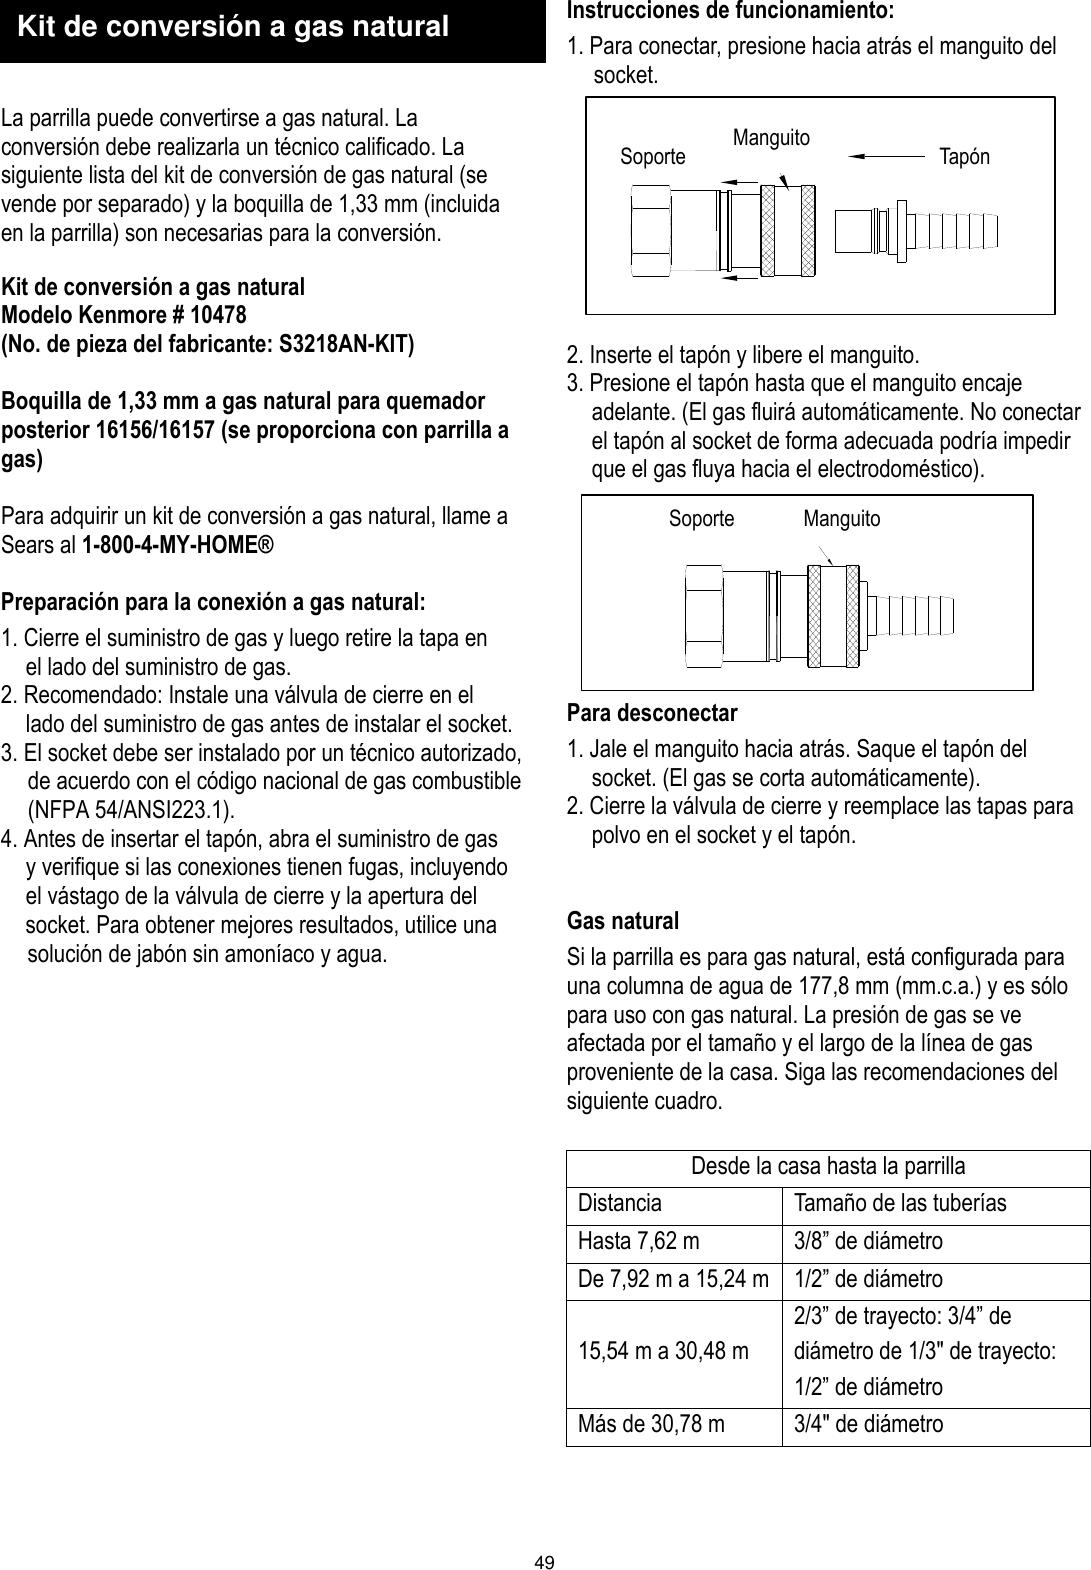 muchkey/® Kunststoffschraube Kunststoffzierclips Kunststoffnieten Innen Trim Clips 50 St/ück wei/ß